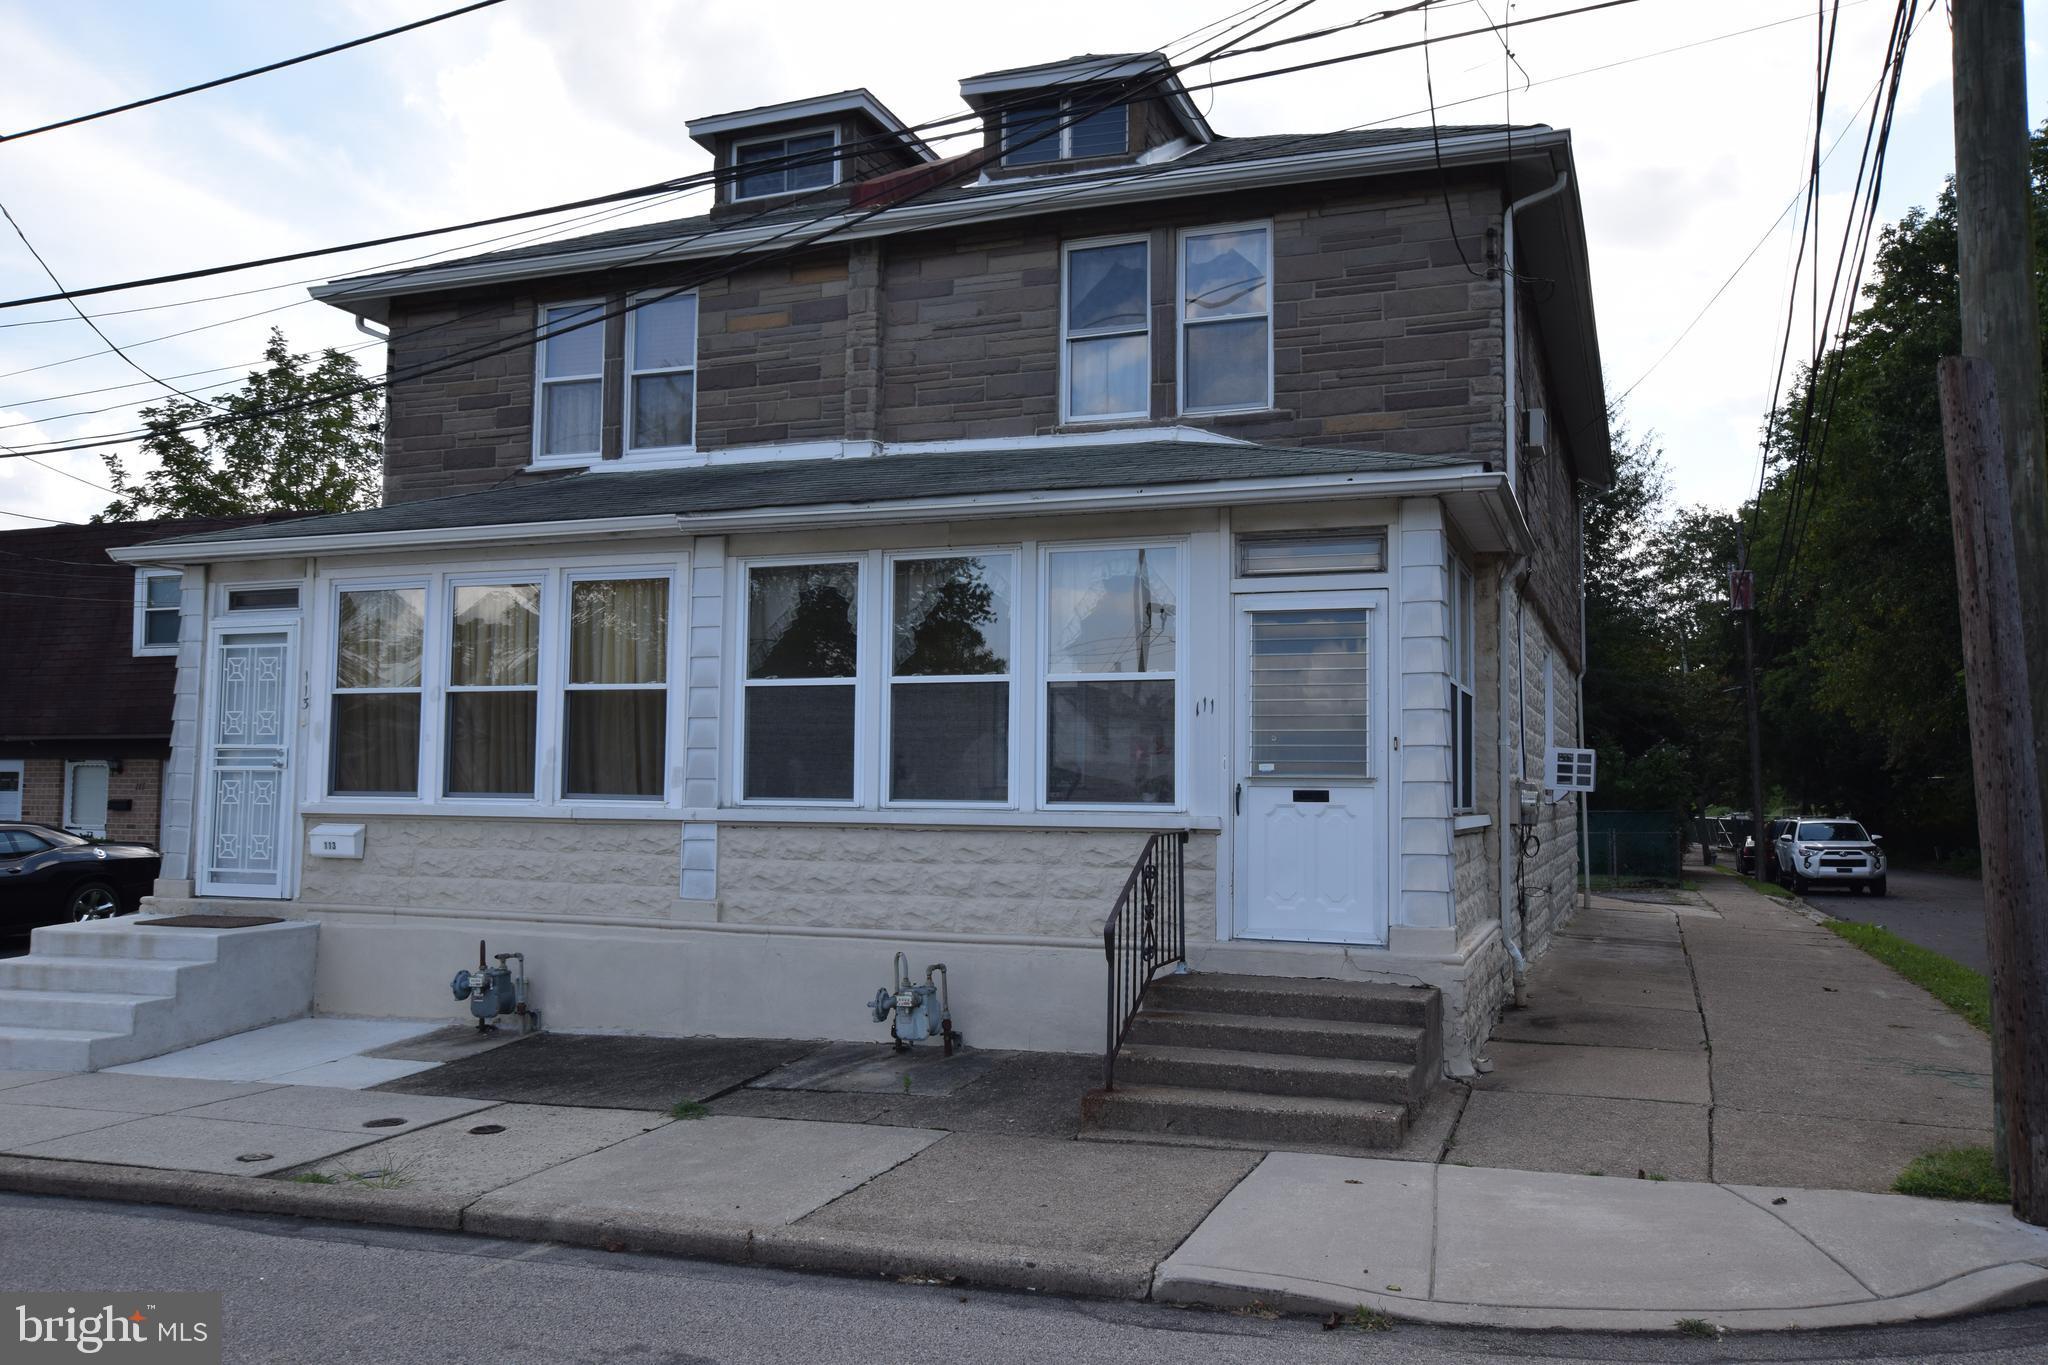 111 RANDALL STREET, CRUM LYNNE, PA 19022